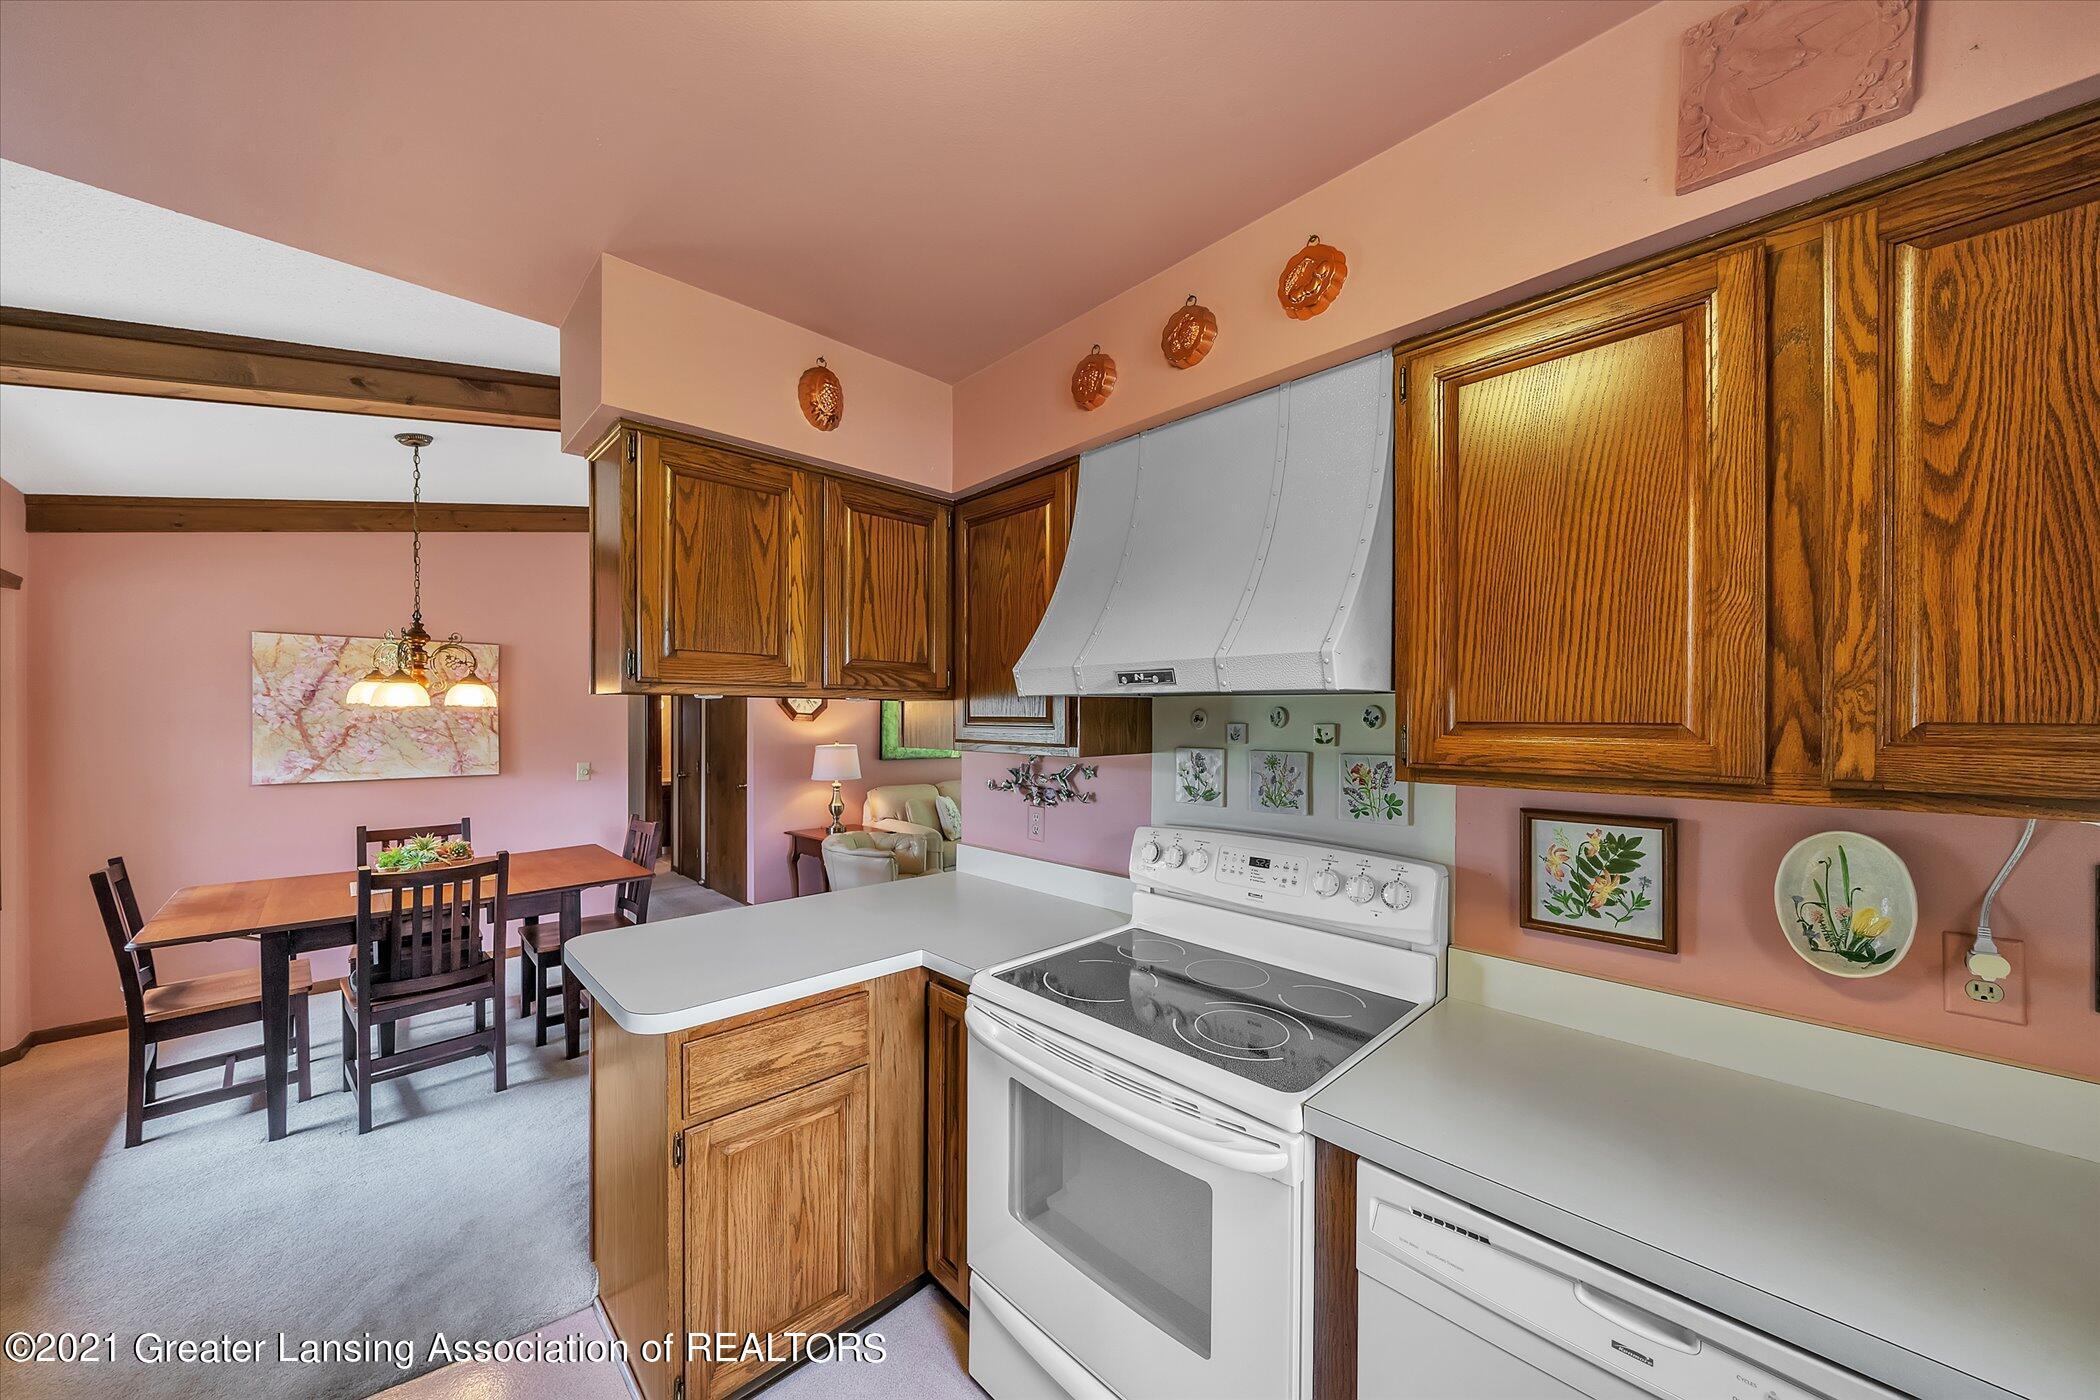 5556 Wood Valley Dr - (11) MAIN FLOOR Kitchen - 11